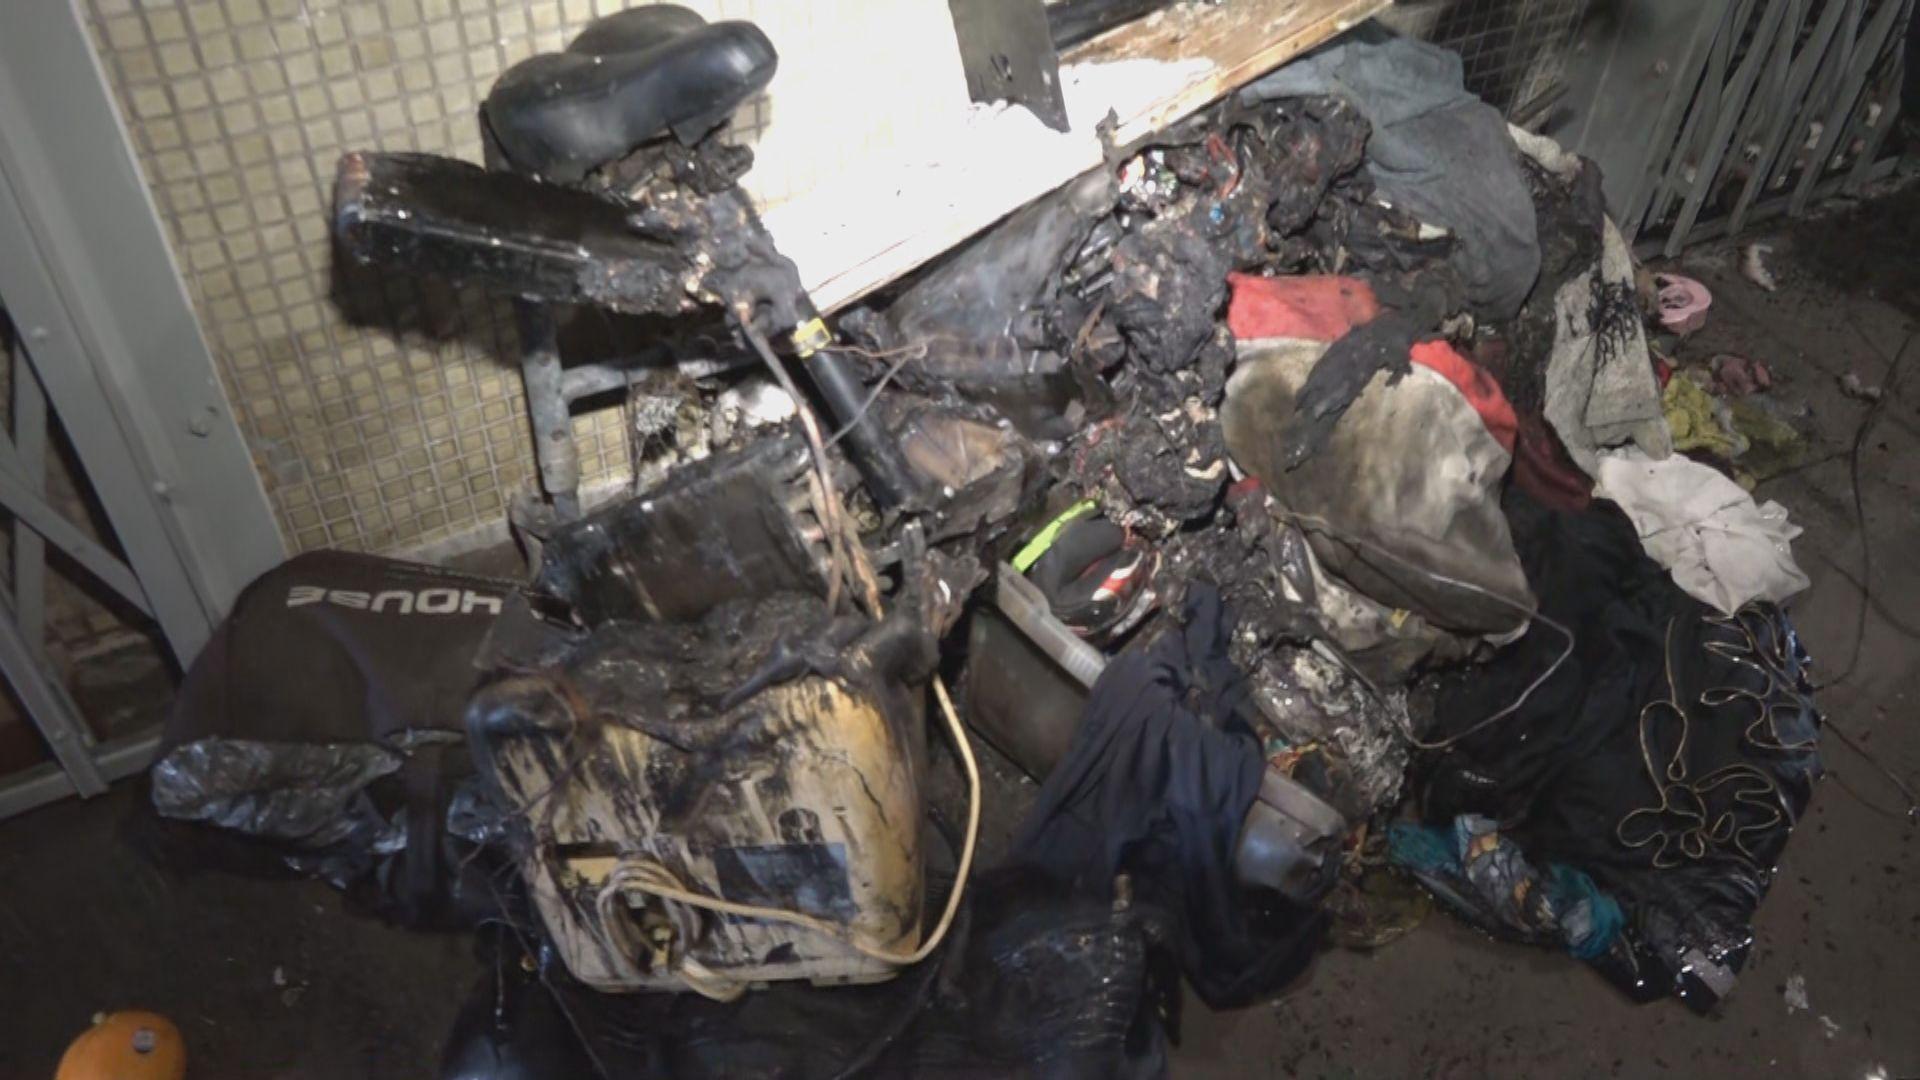 沙角邨火警釀一死兩傷 疑因電動滑板車充電時電線短路